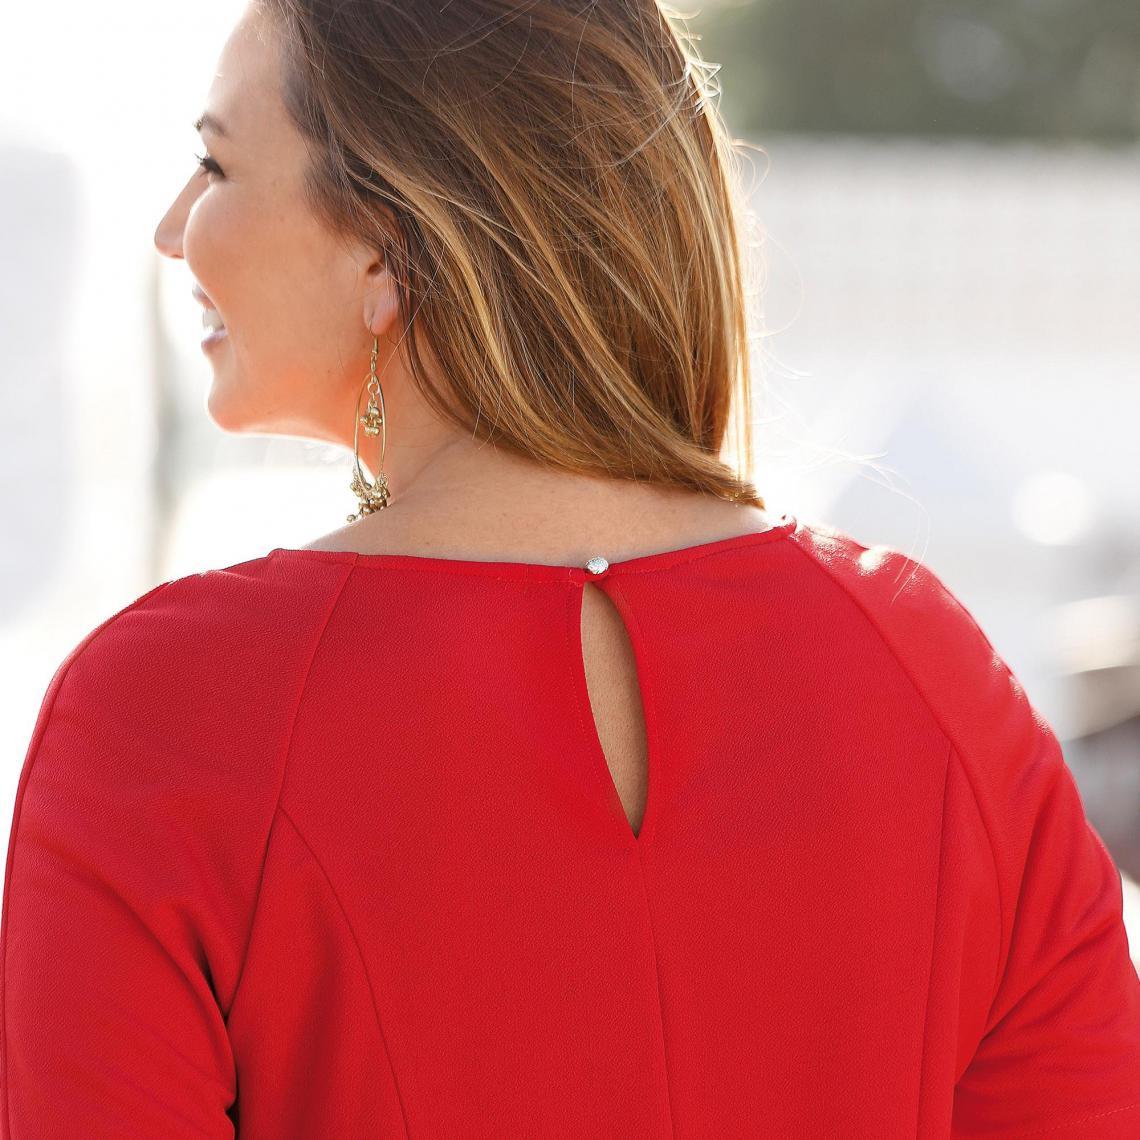 31c6482af9 Robe courte 3 SUISSES Cliquez l'image pour l'agrandir. Robe unie cintrée  évasée manches aux coudes femme - Rouge ...